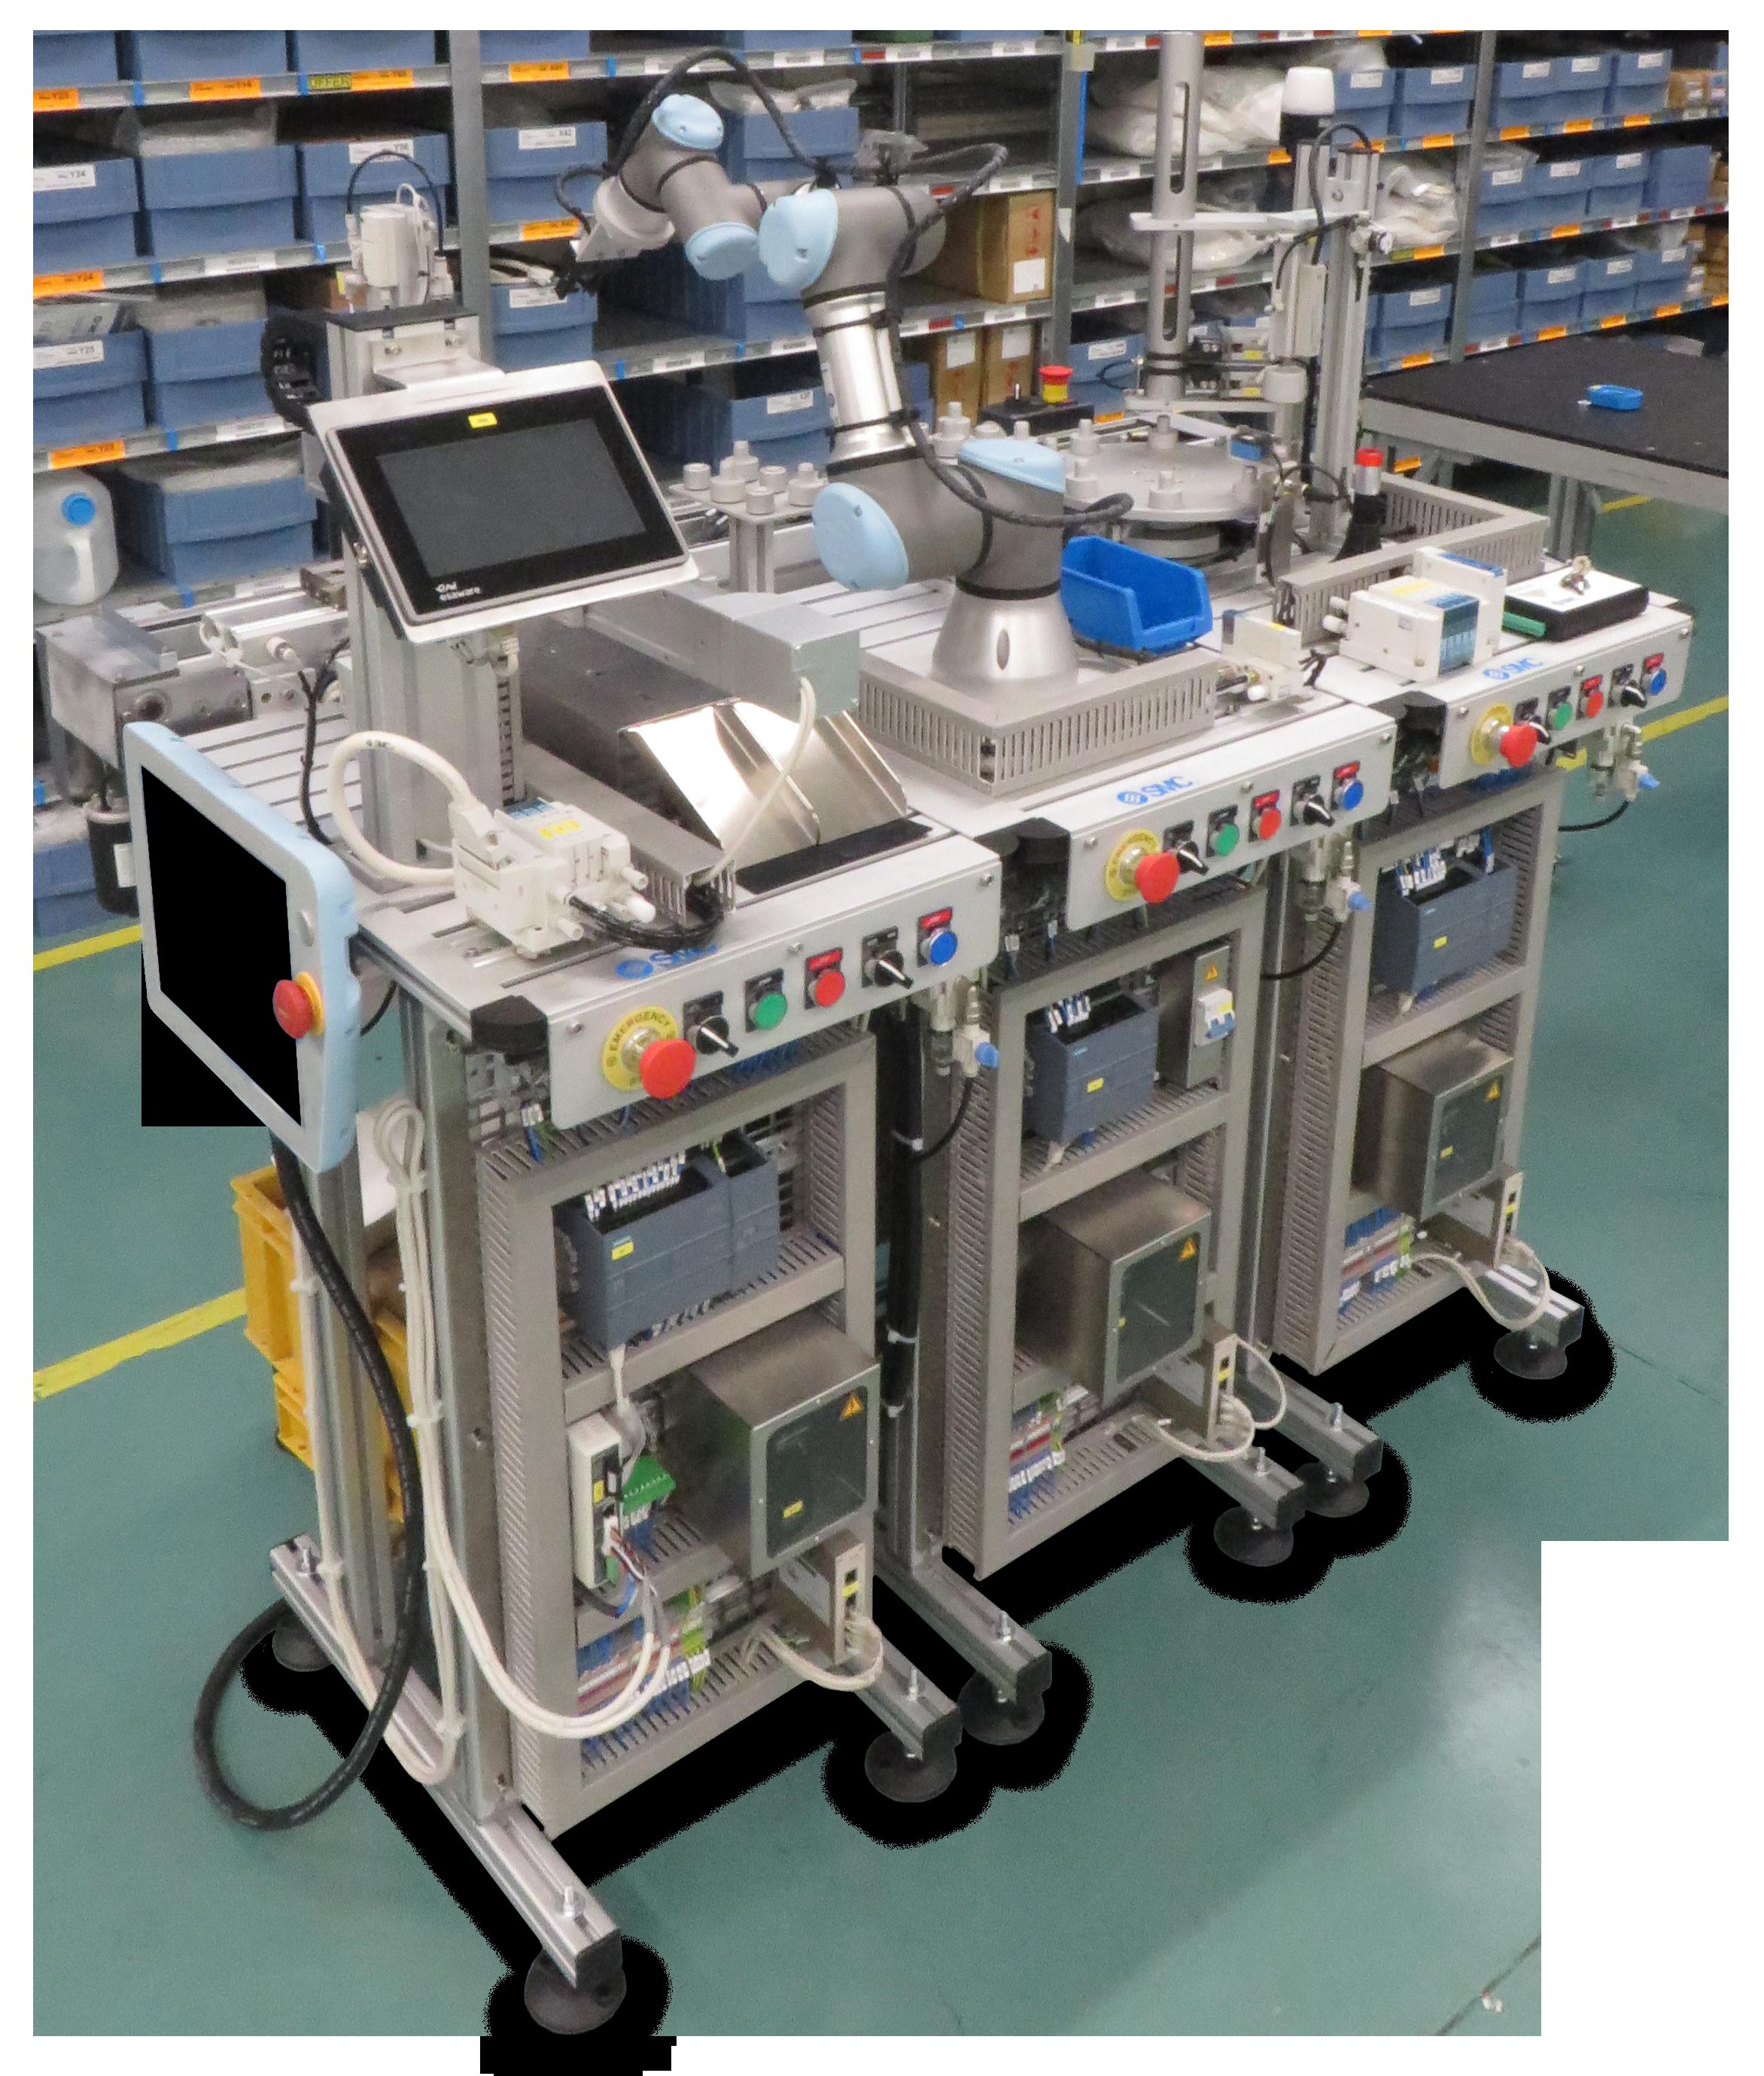 Configuración cobot - FAS-200 SE I4.0